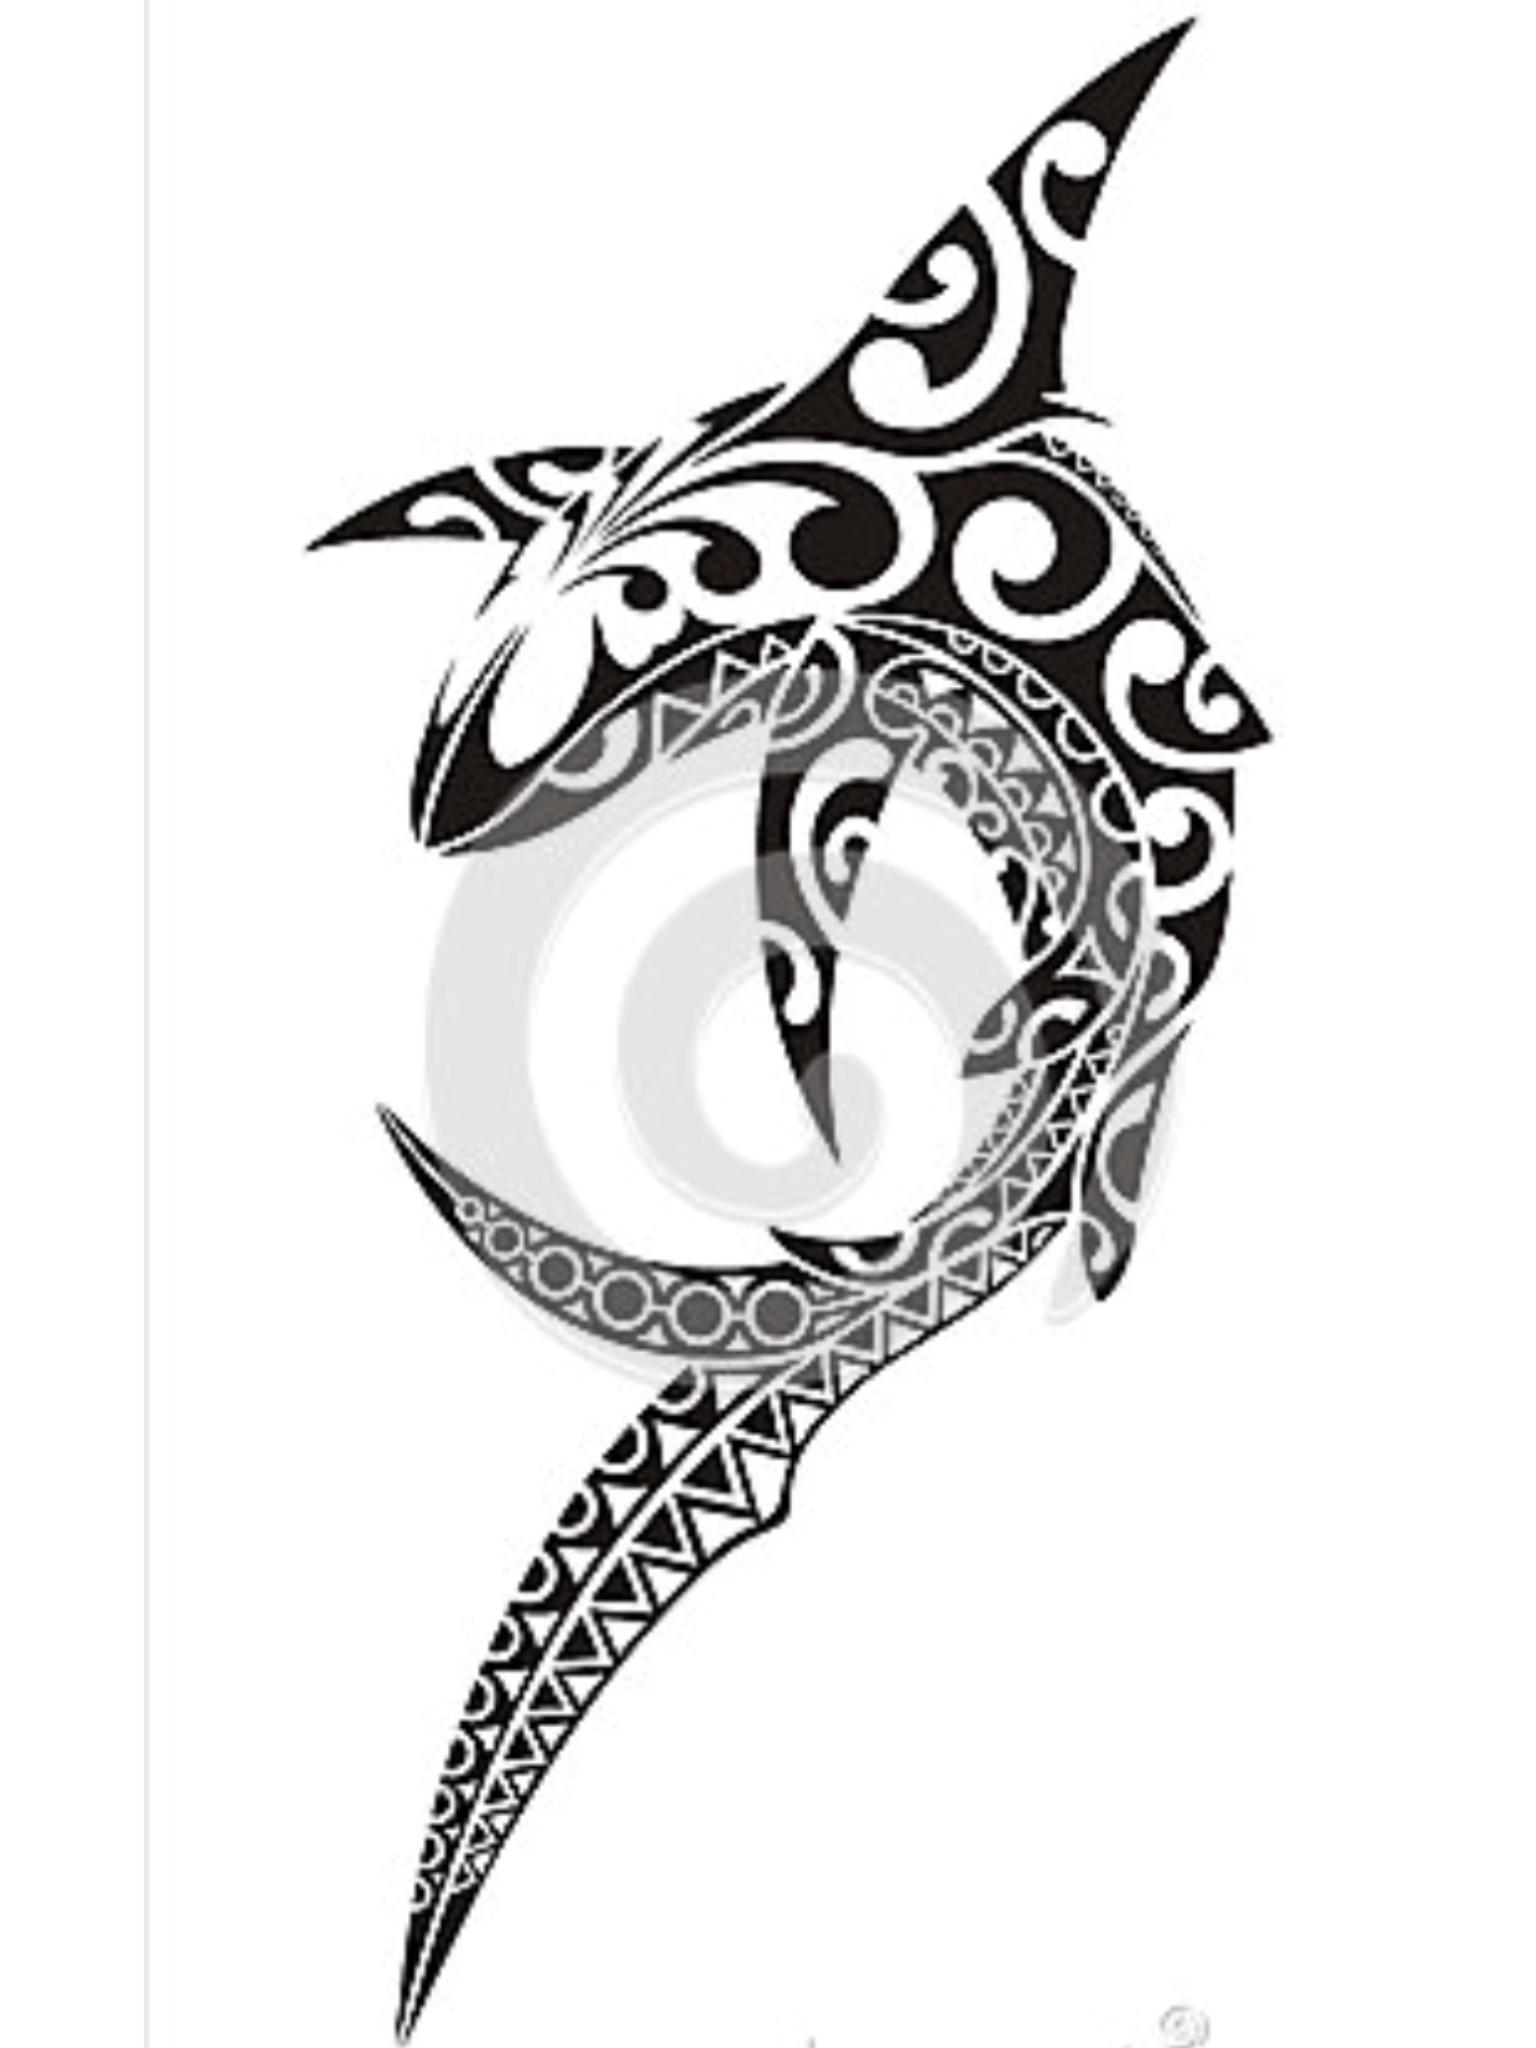 Pin de Edu Uzumaki en tatoage muito radical | Pinterest | Tatuajes ...